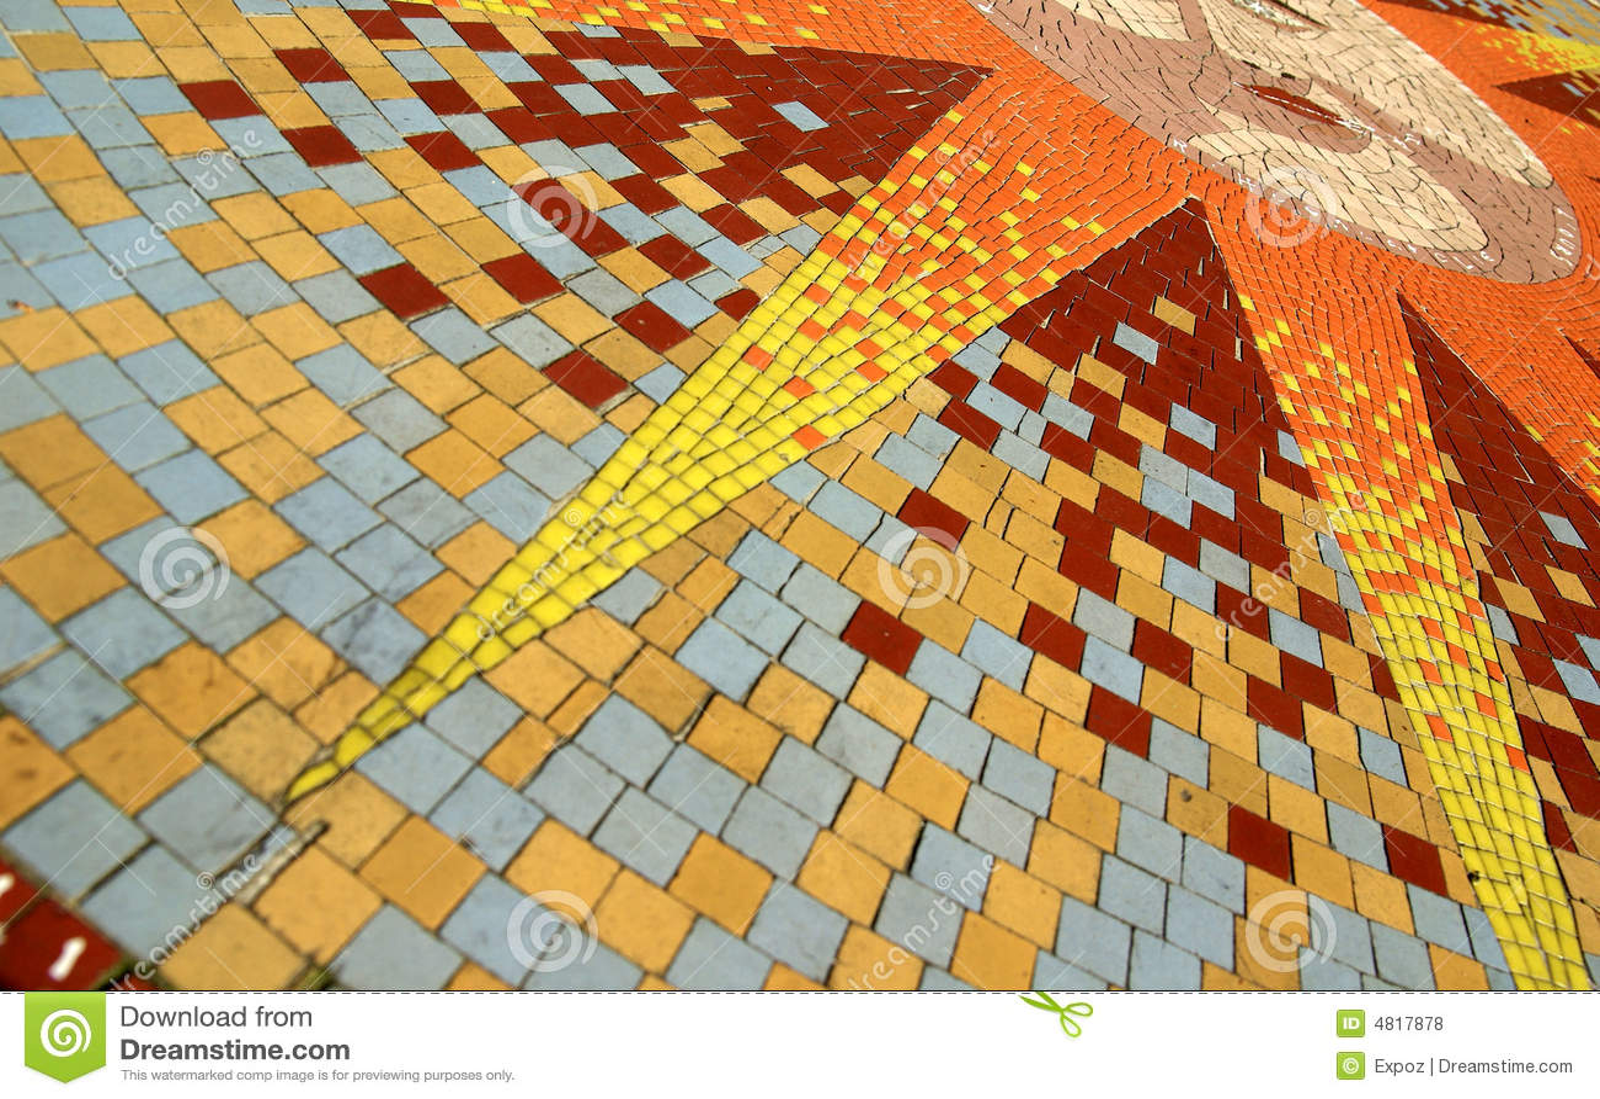 sun mosaic stock illustration illustration of glass